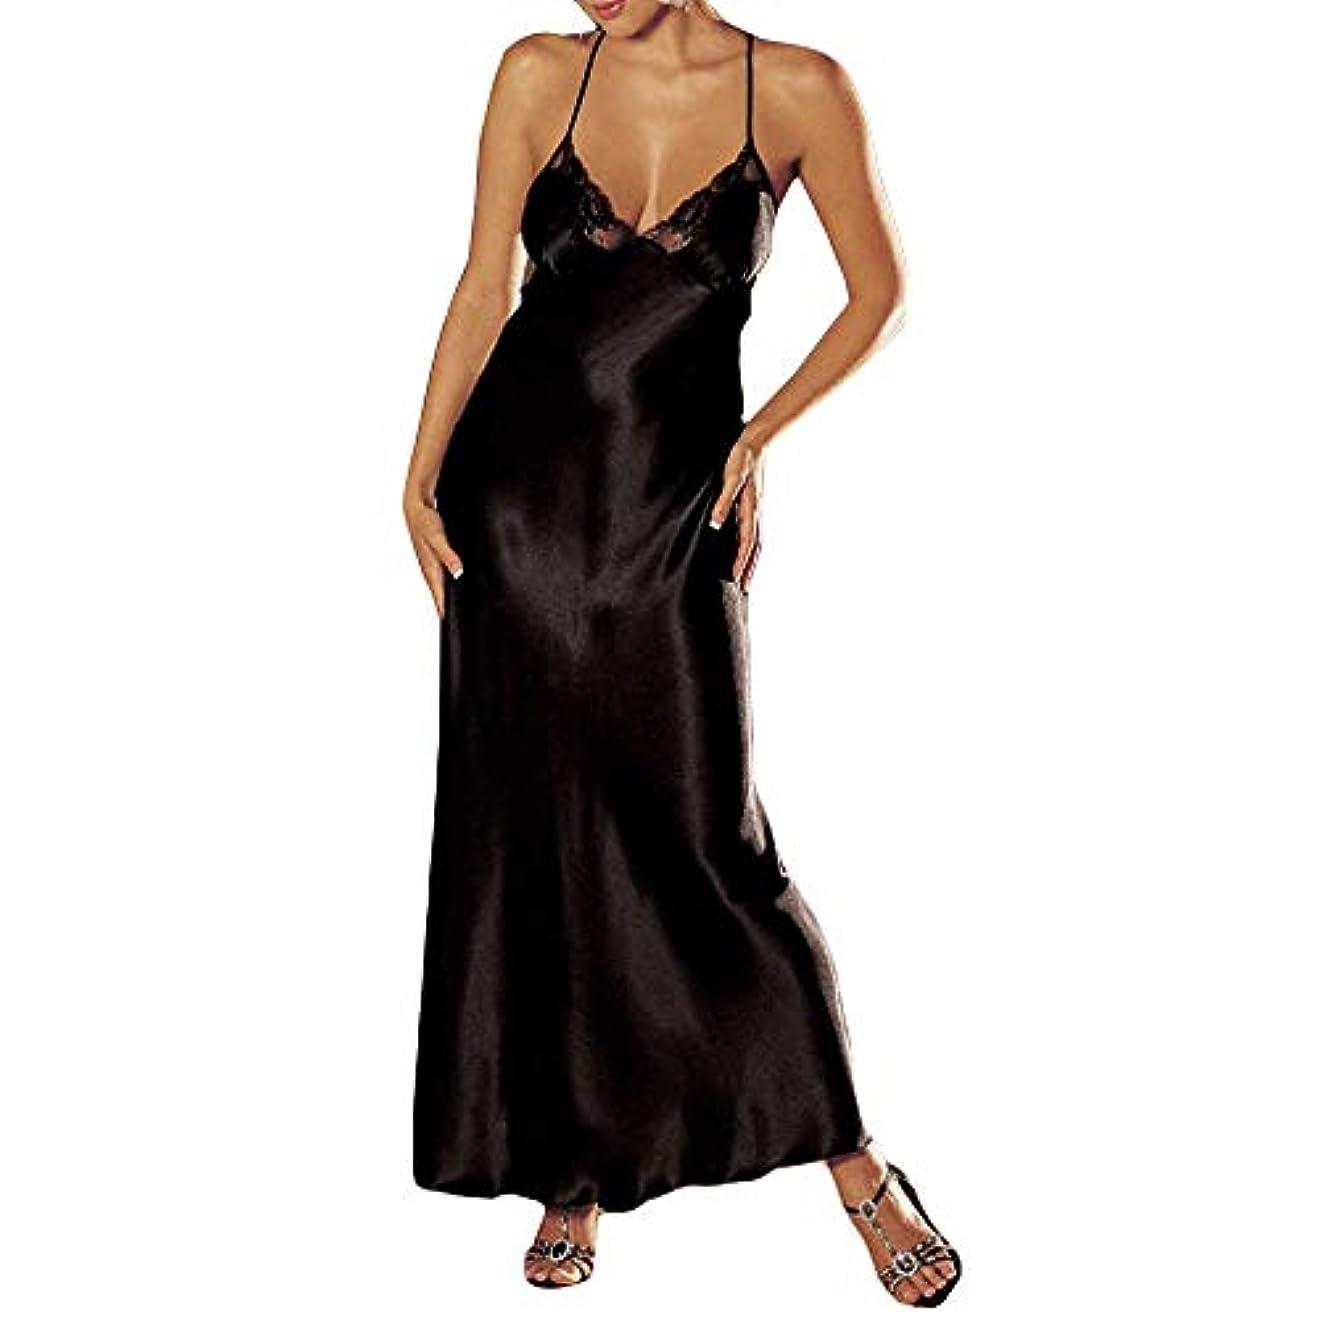 郵便物アーサーコナンドイル馬力吊りドレス liqiuxiang ウーマン 快適 柔らかい ロングスカート 女性 エレガント 着心地 通気性抜群 パジャマ レディース 上下 花柄 ノースリーブ 高級 襦袢